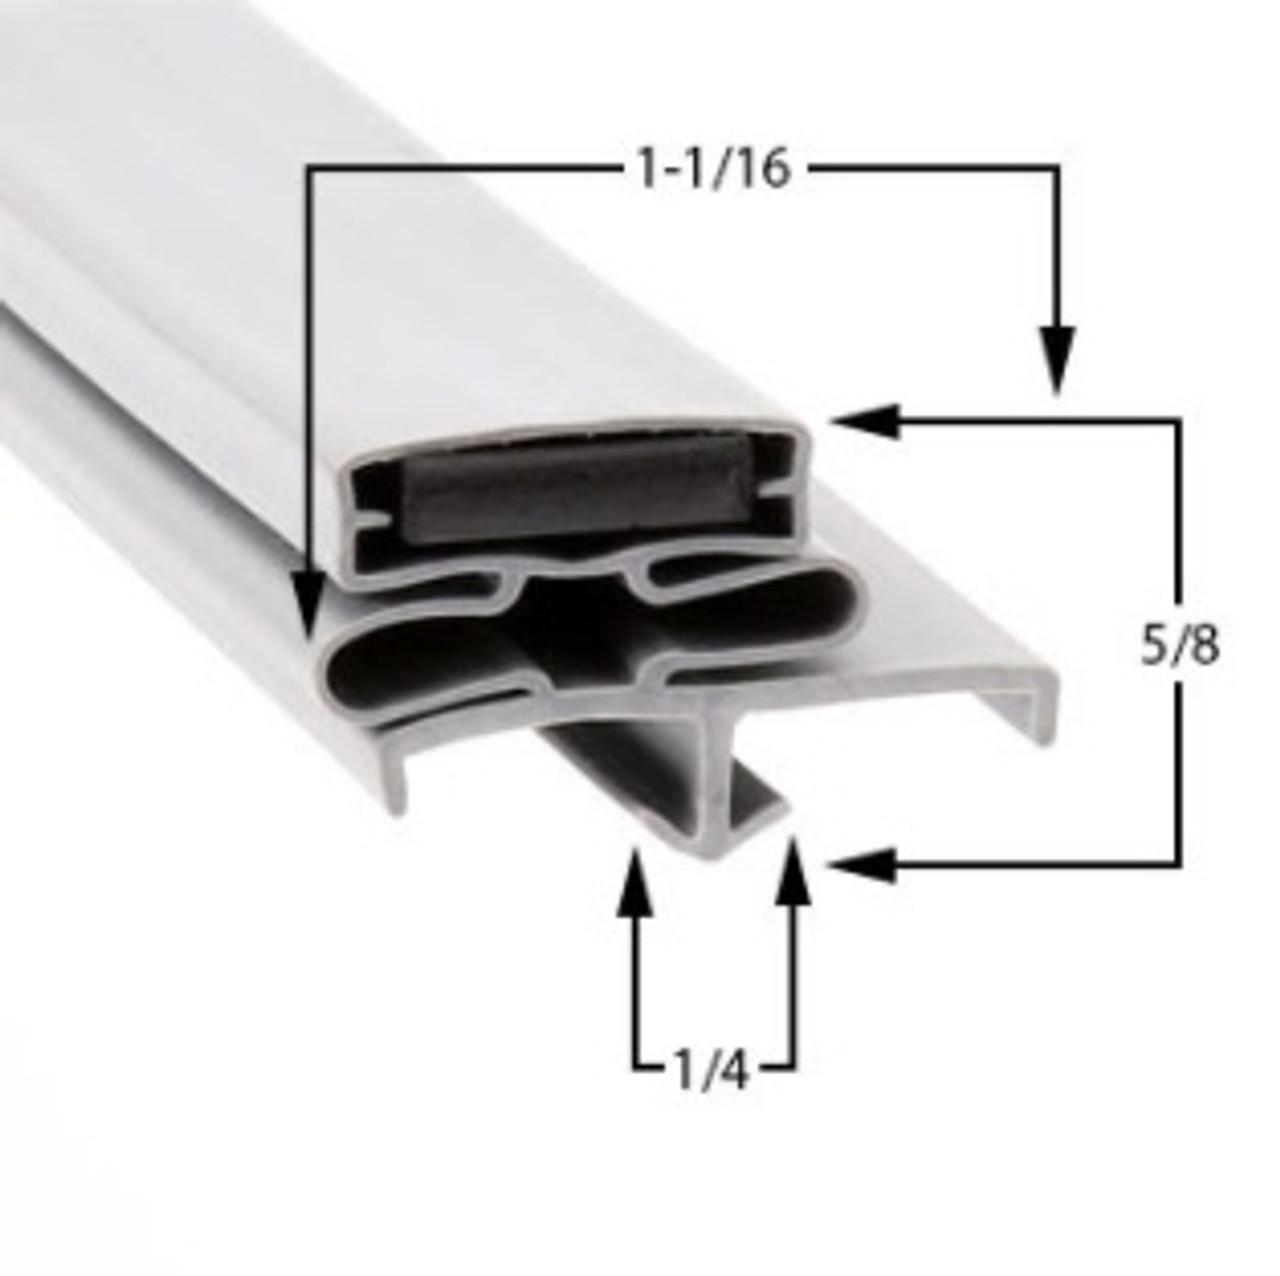 Kairak Door Gasket Profile 168 15 3/8 x 21 5/8 -2